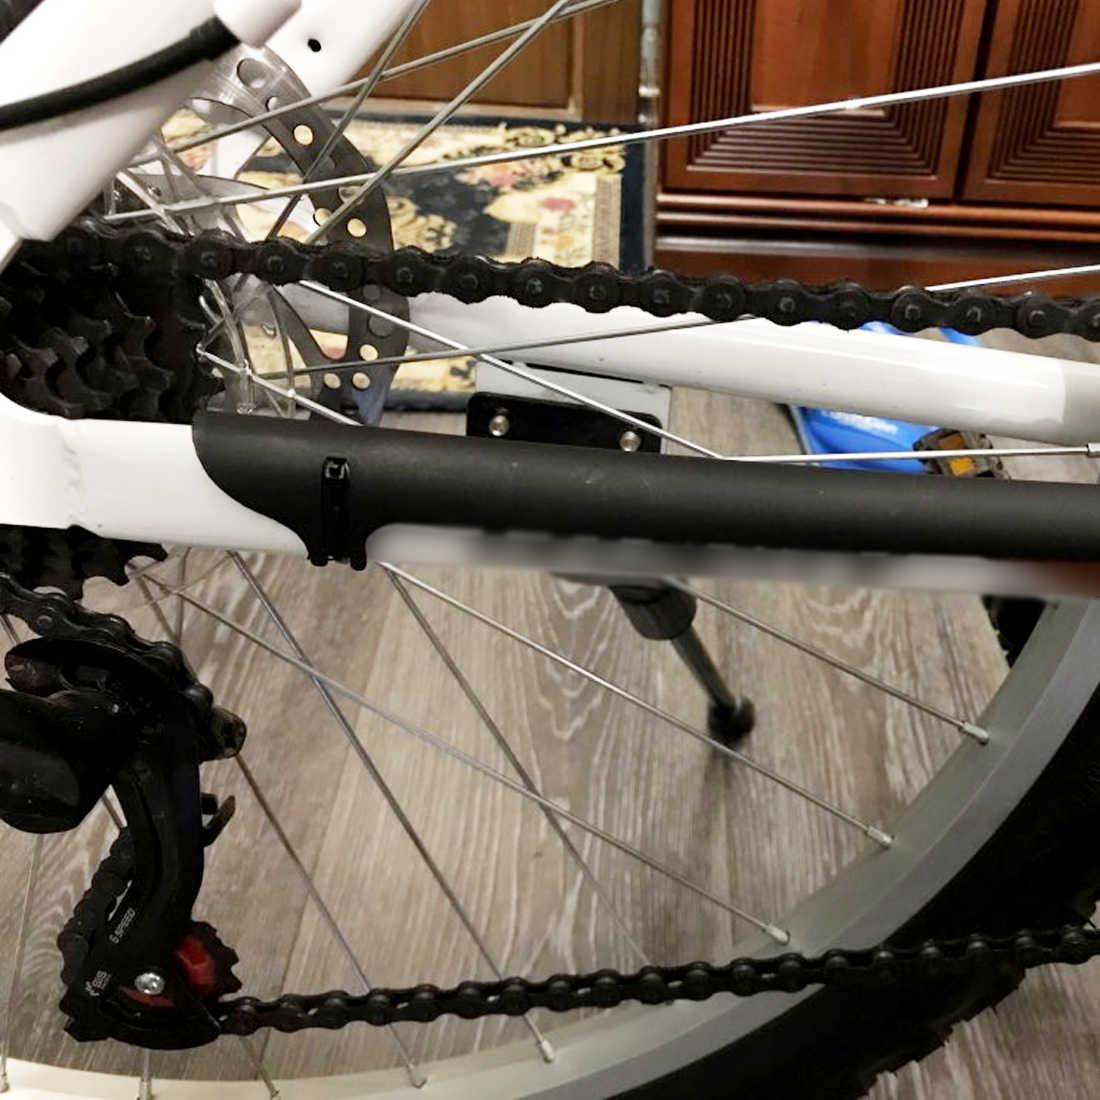 Chaîne de vélo rester protecteur vélo de route chaîne VTT équipement de cyclisme garde de chaîne